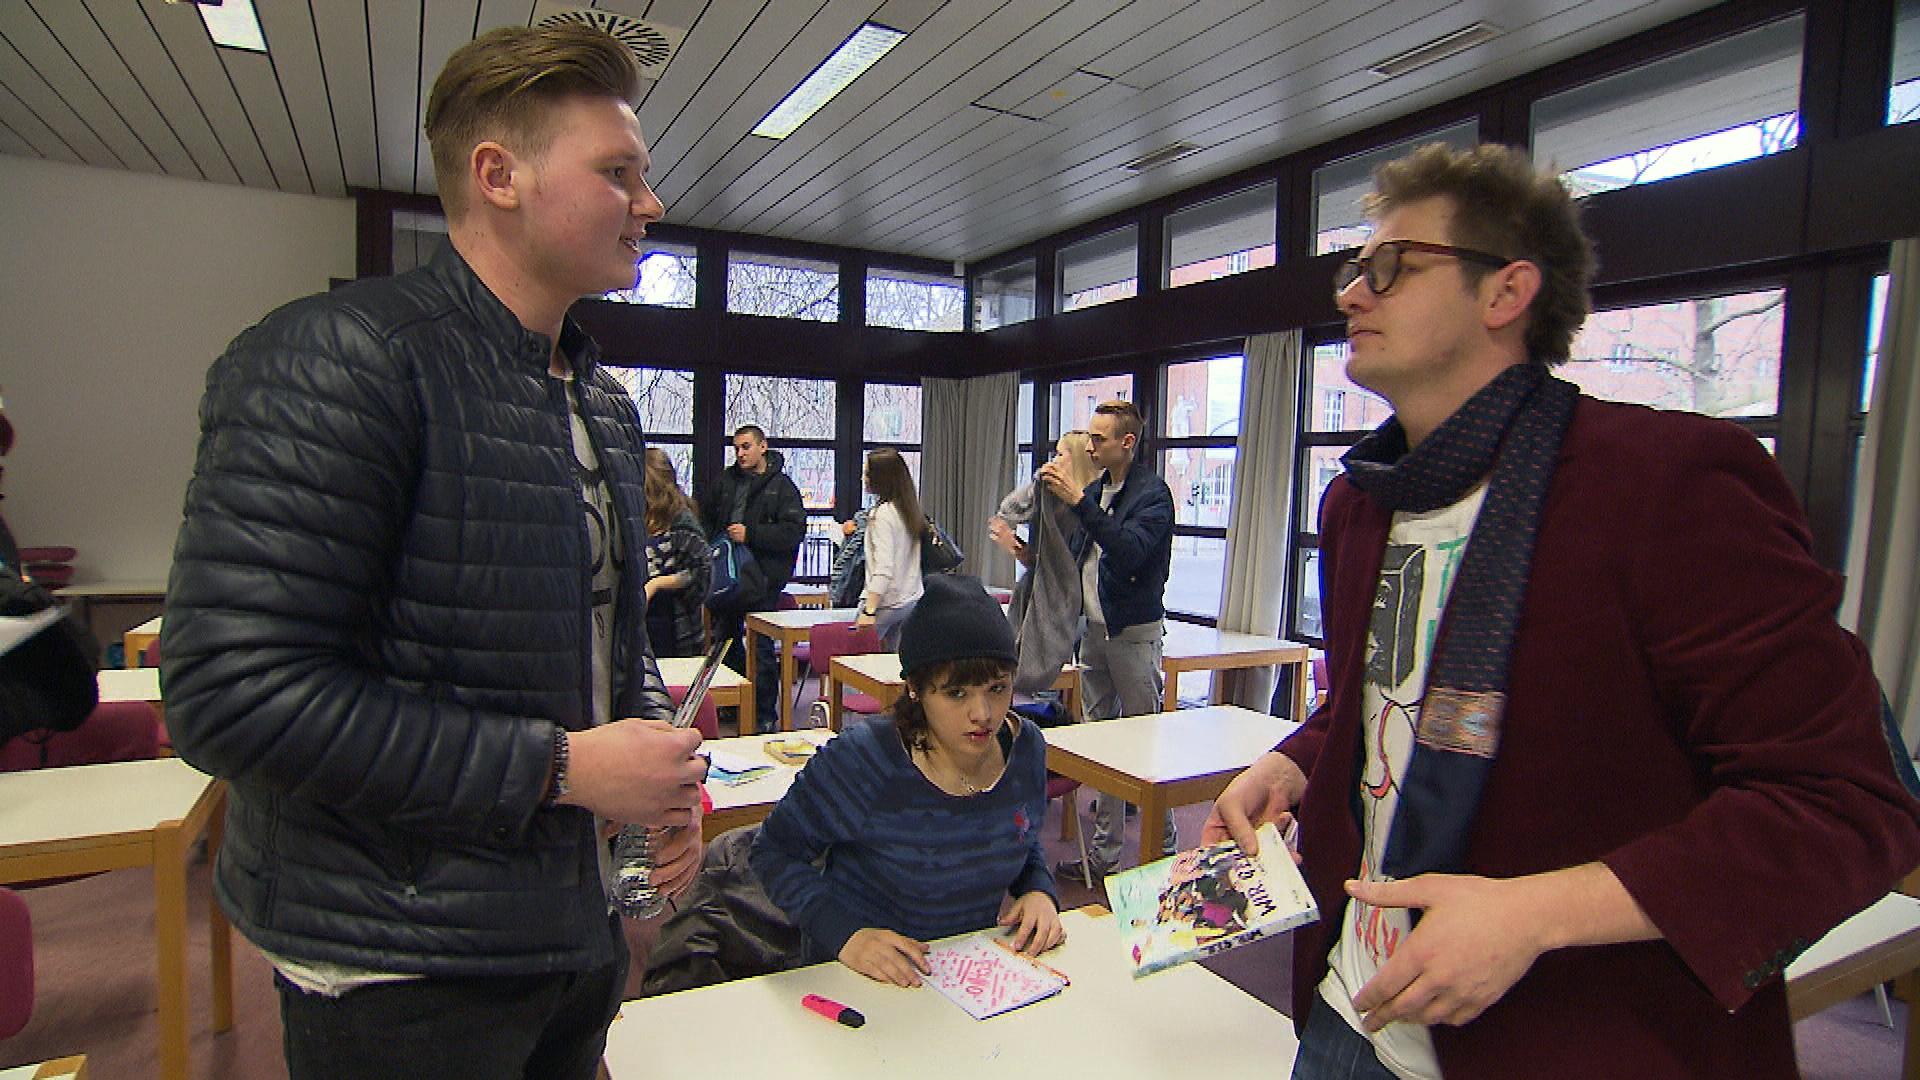 Ole, re., mischt sich in Aylins,Mi., Schulprojekt ein. (Quelle: RTL 2) v.li.n.re.: Lutz, Aylin, Ole